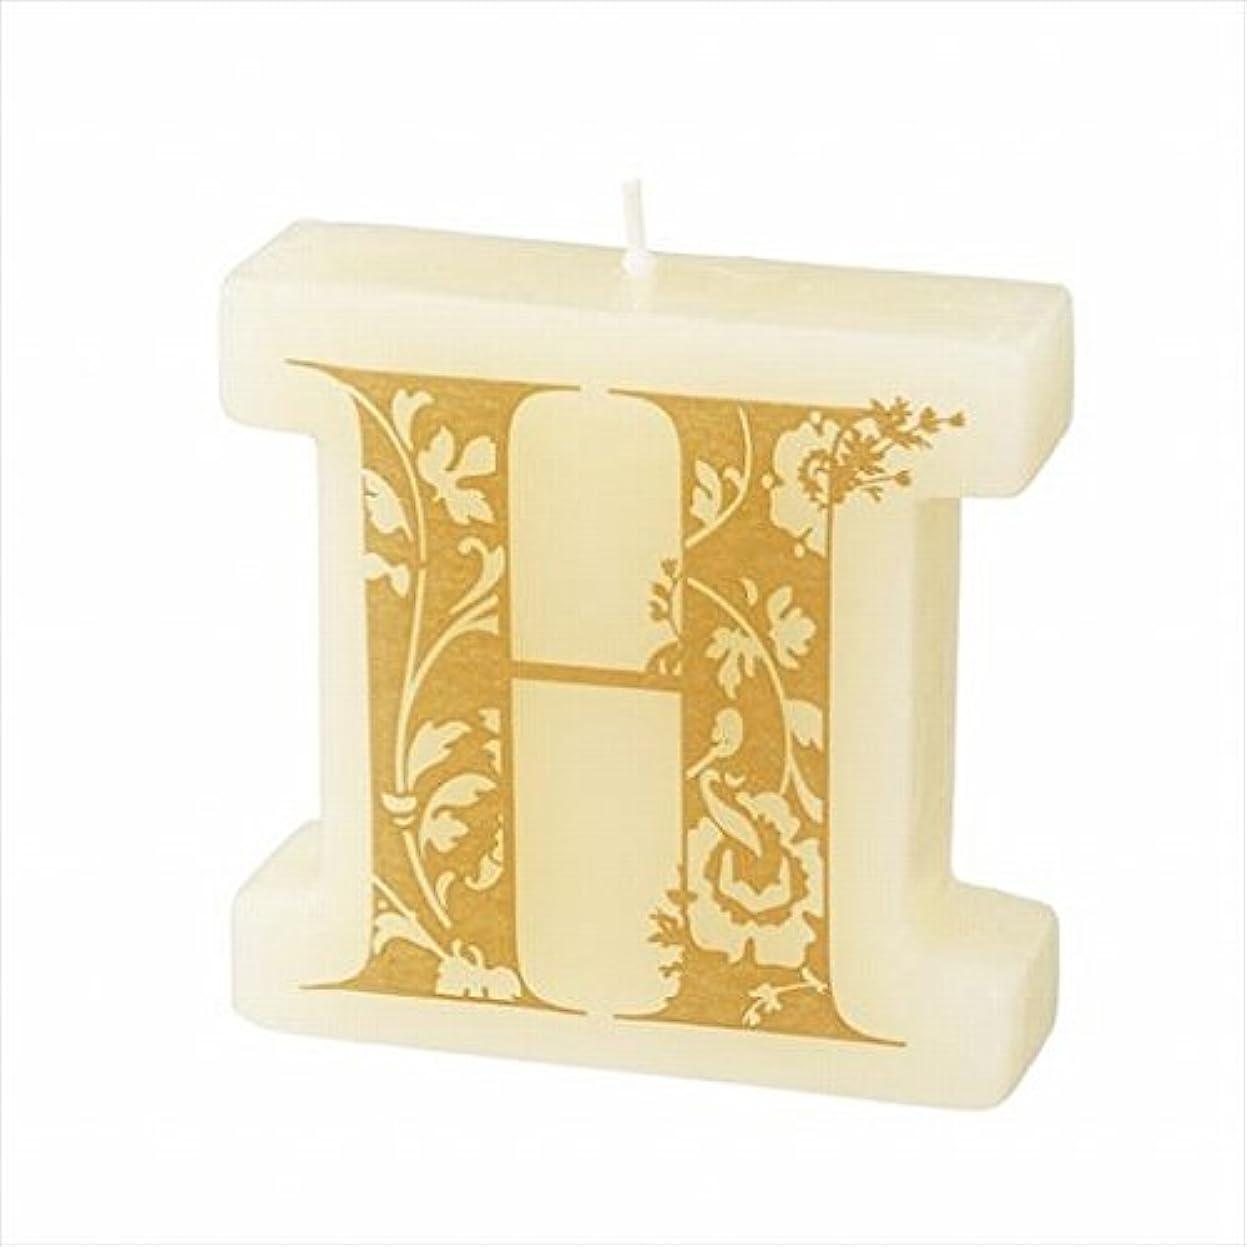 質素な楽観証明書カメヤマキャンドル(kameyama candle) イニシャルキャンドル 「 H 」